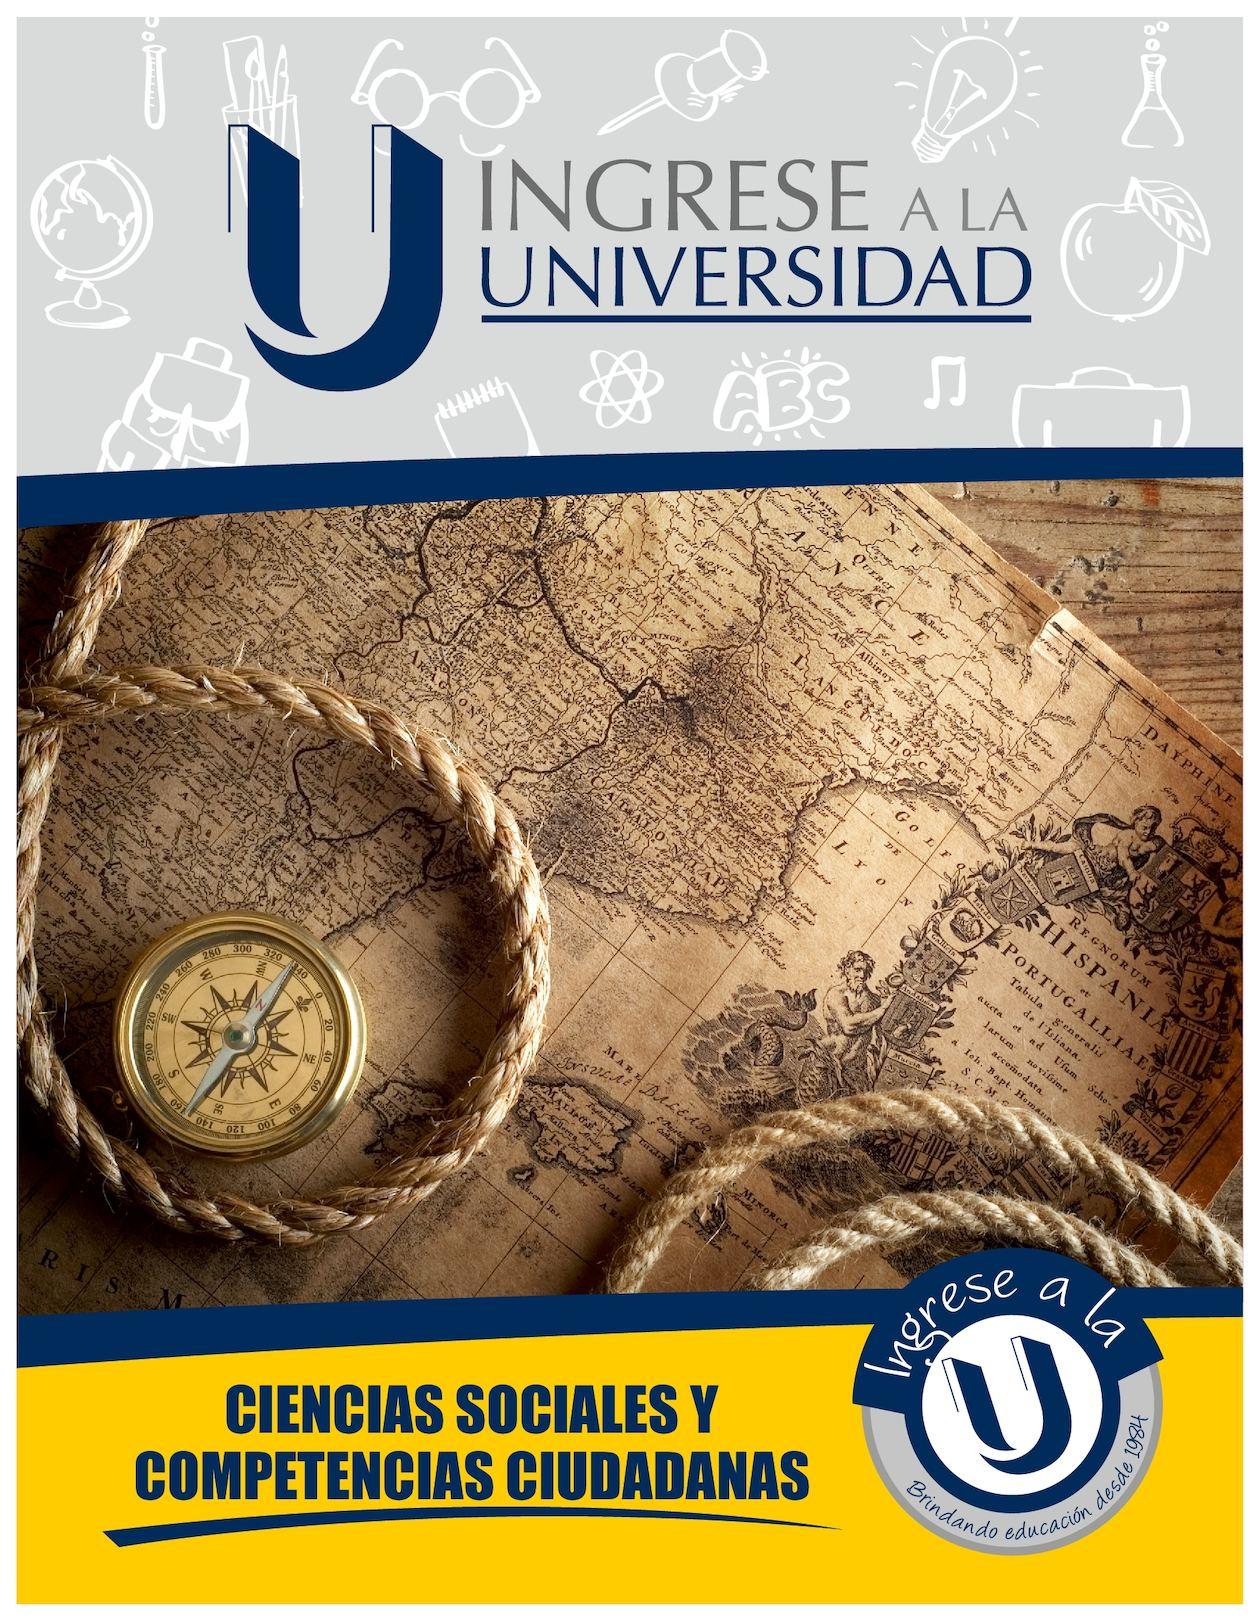 Preicfes Ciencias Sociales Y Competencias 2017